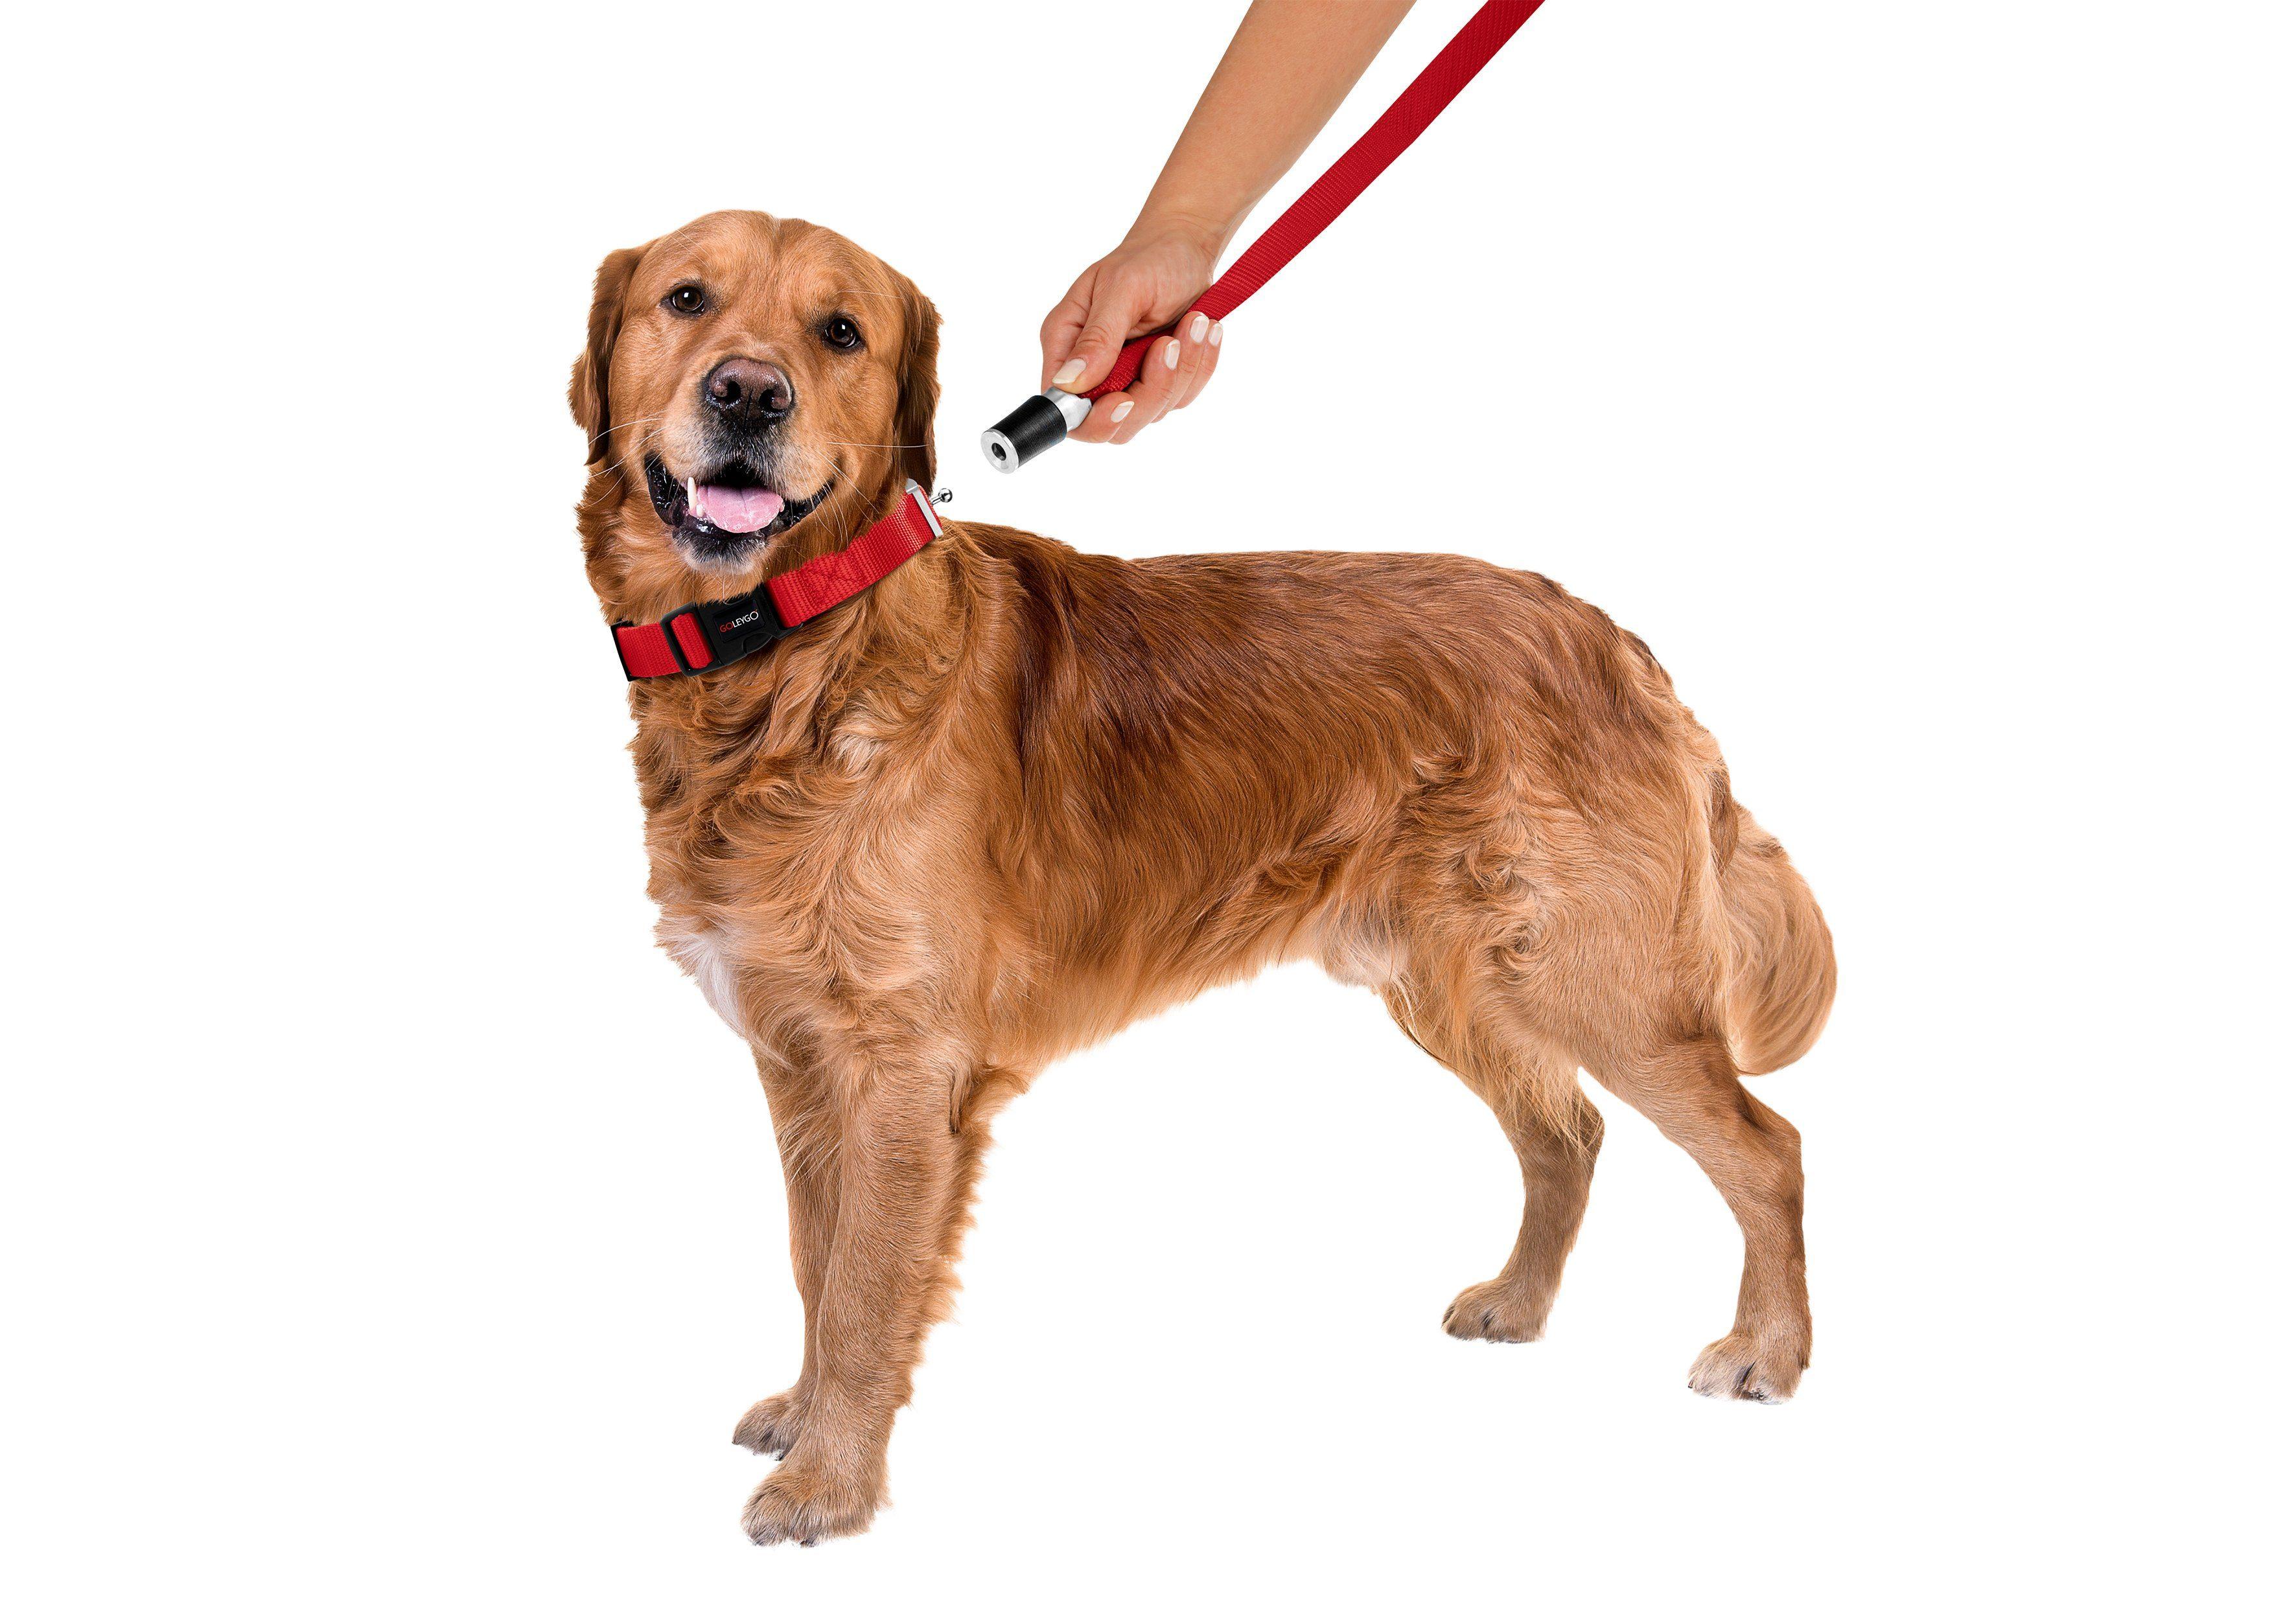 GOLEYGO Hundeleine und Halsband in Rot, L bis XL